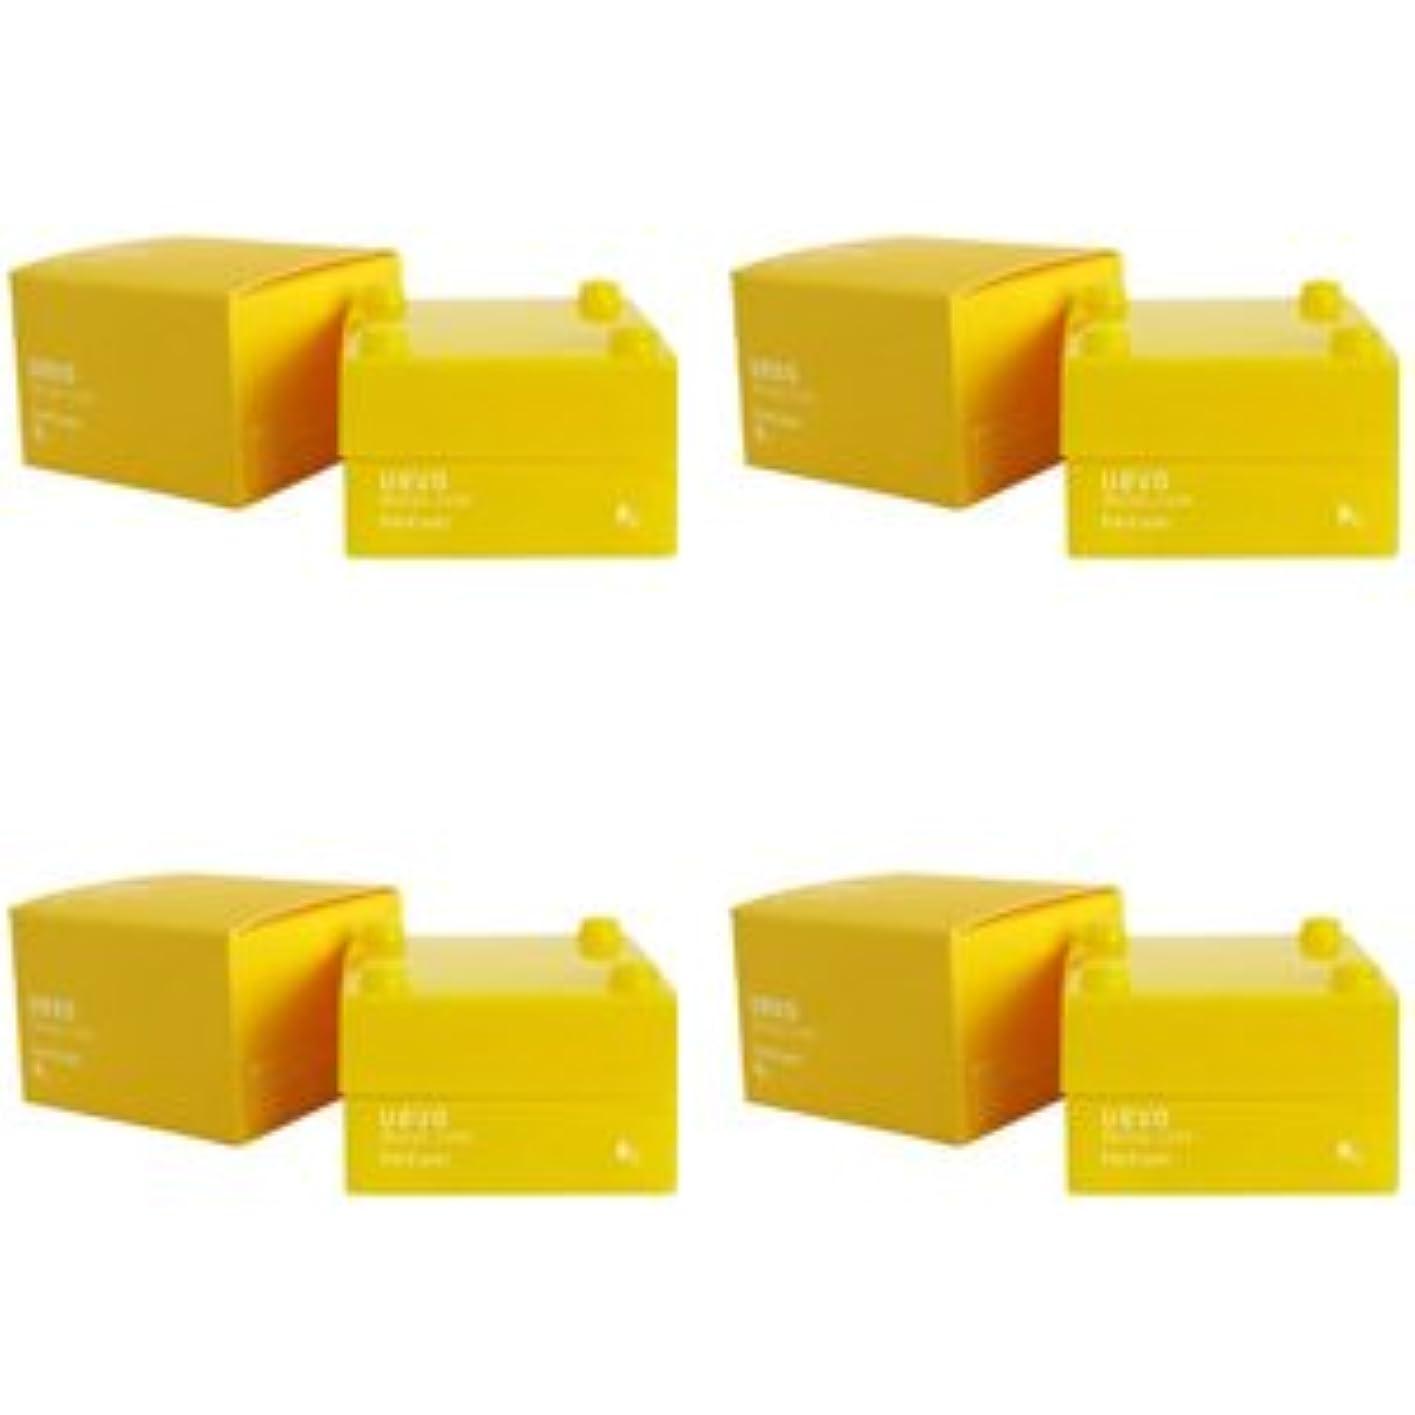 【X4個セット】 デミ ウェーボ デザインキューブ ハードワックス 30g hard wax DEMI uevo design cube